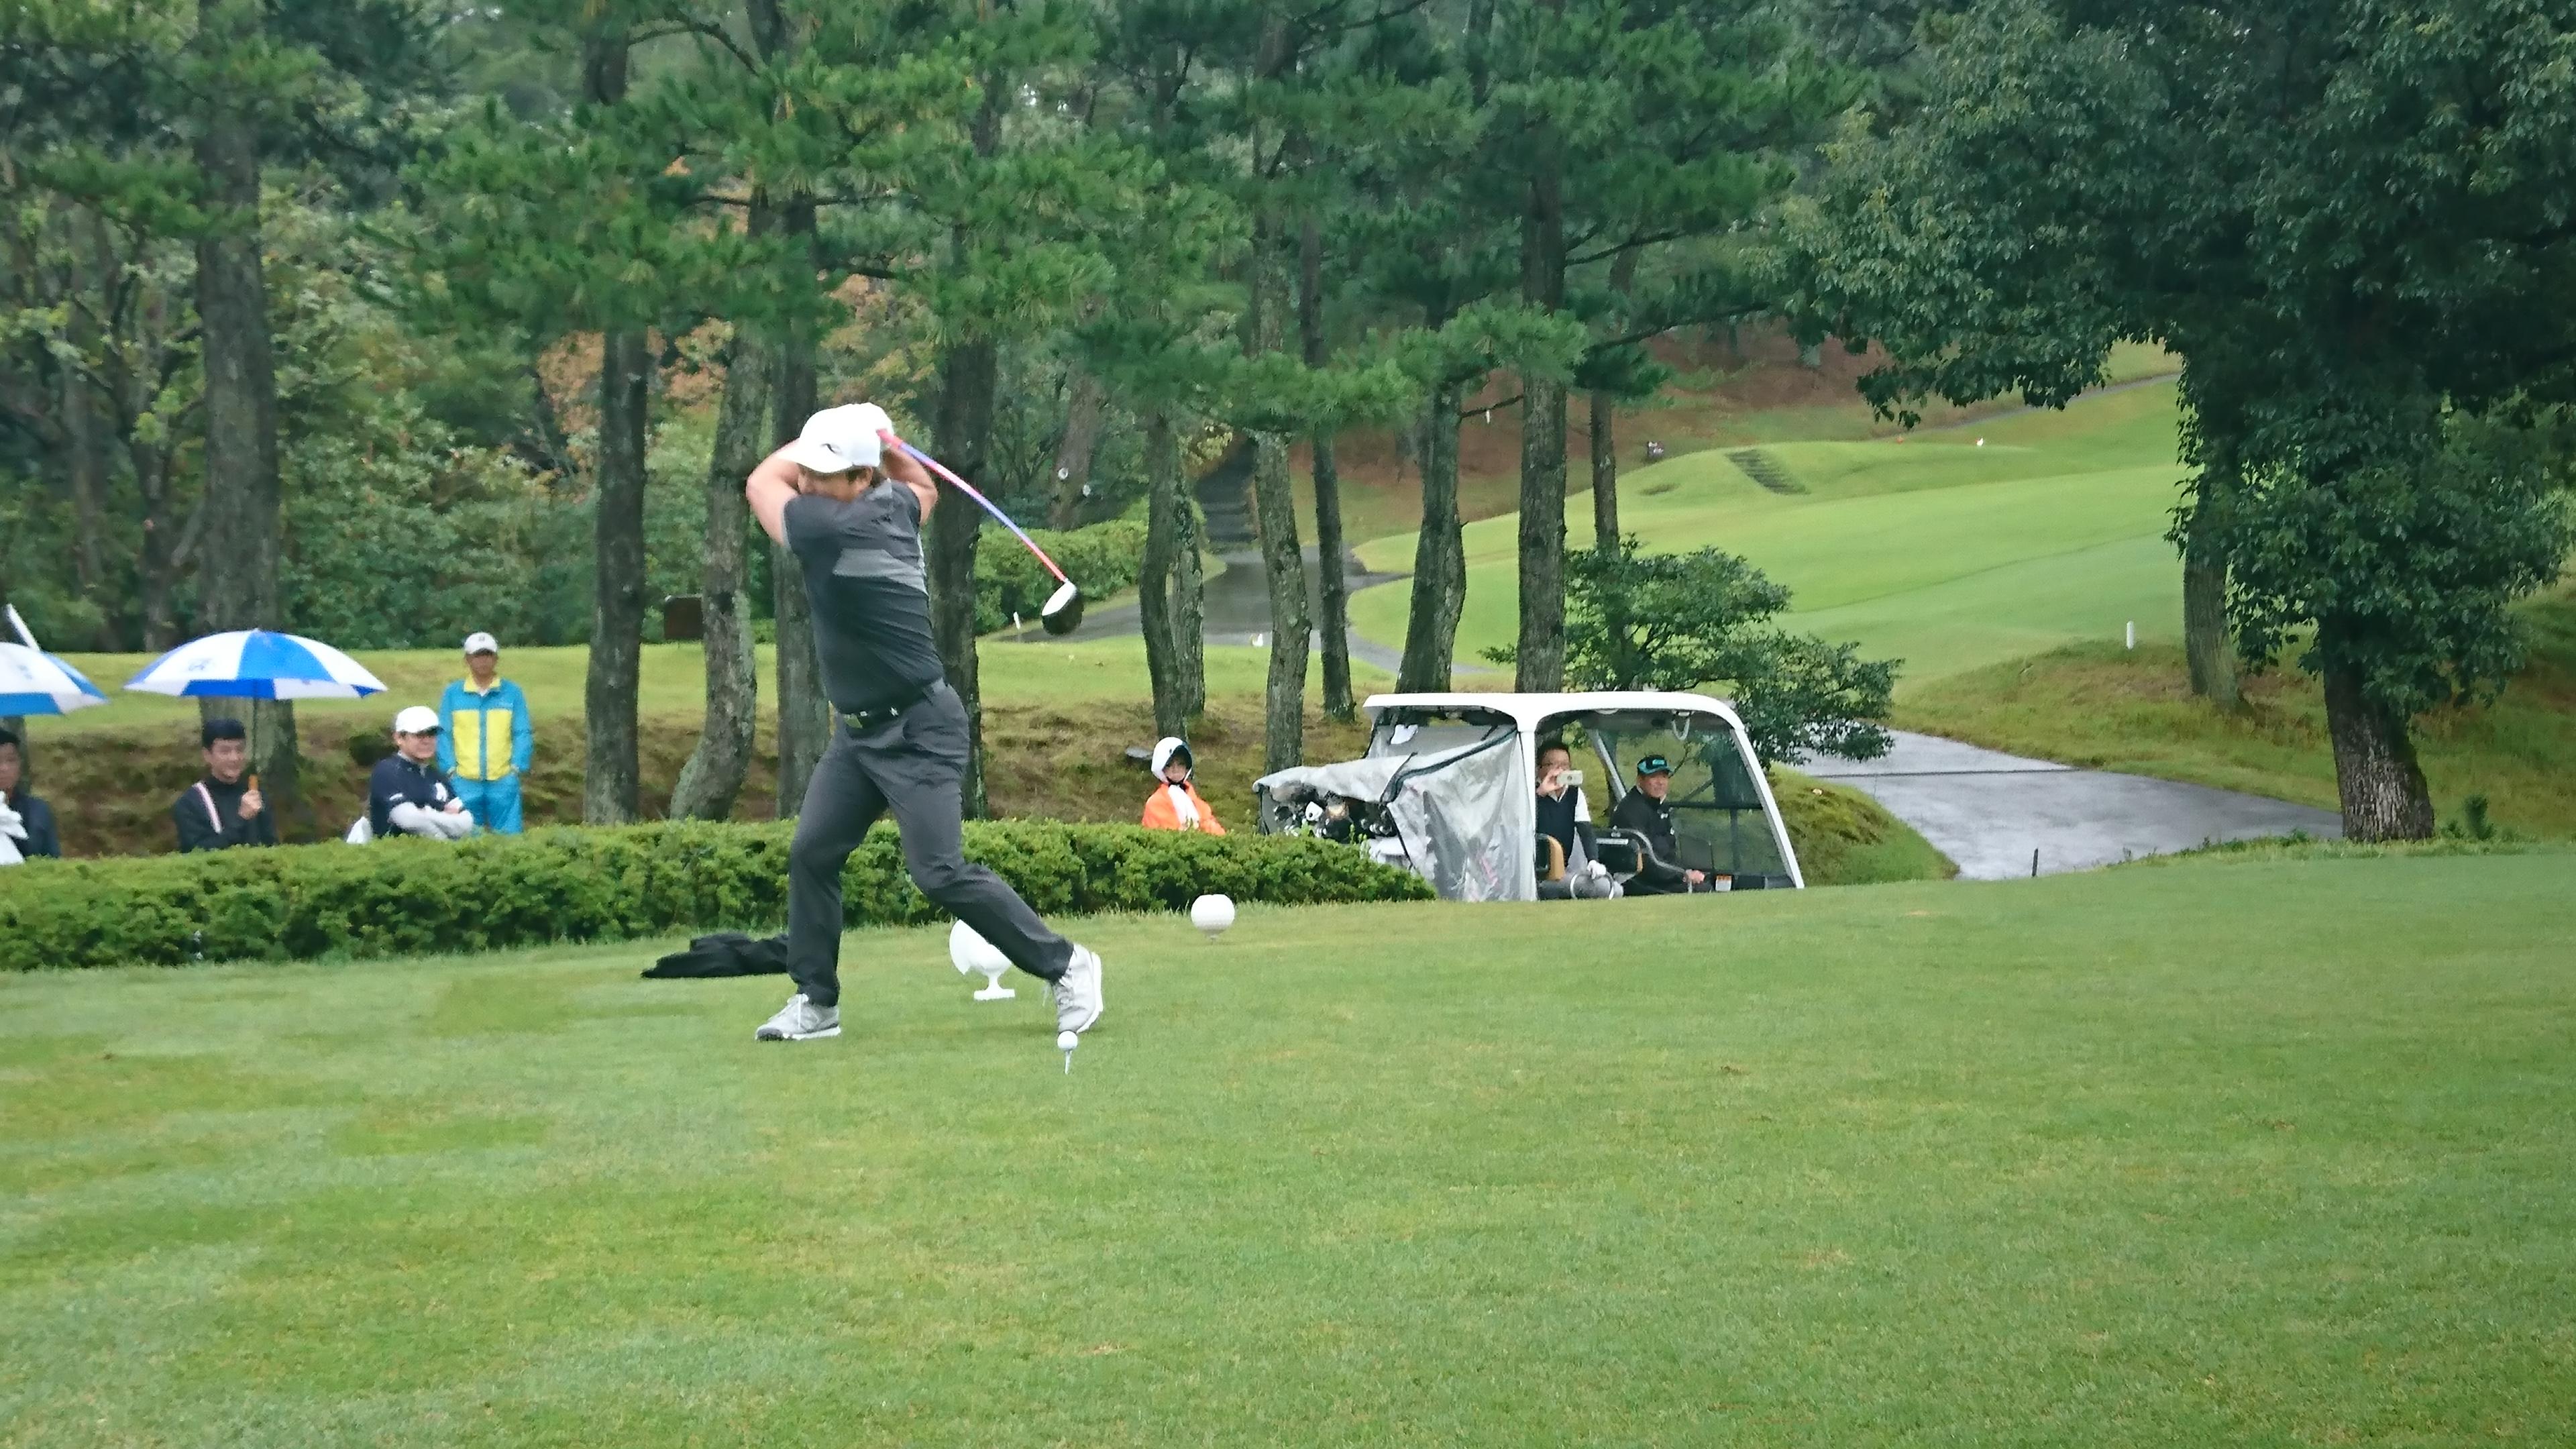 ホールインワン!創立10周年記念のゴルフコンペ